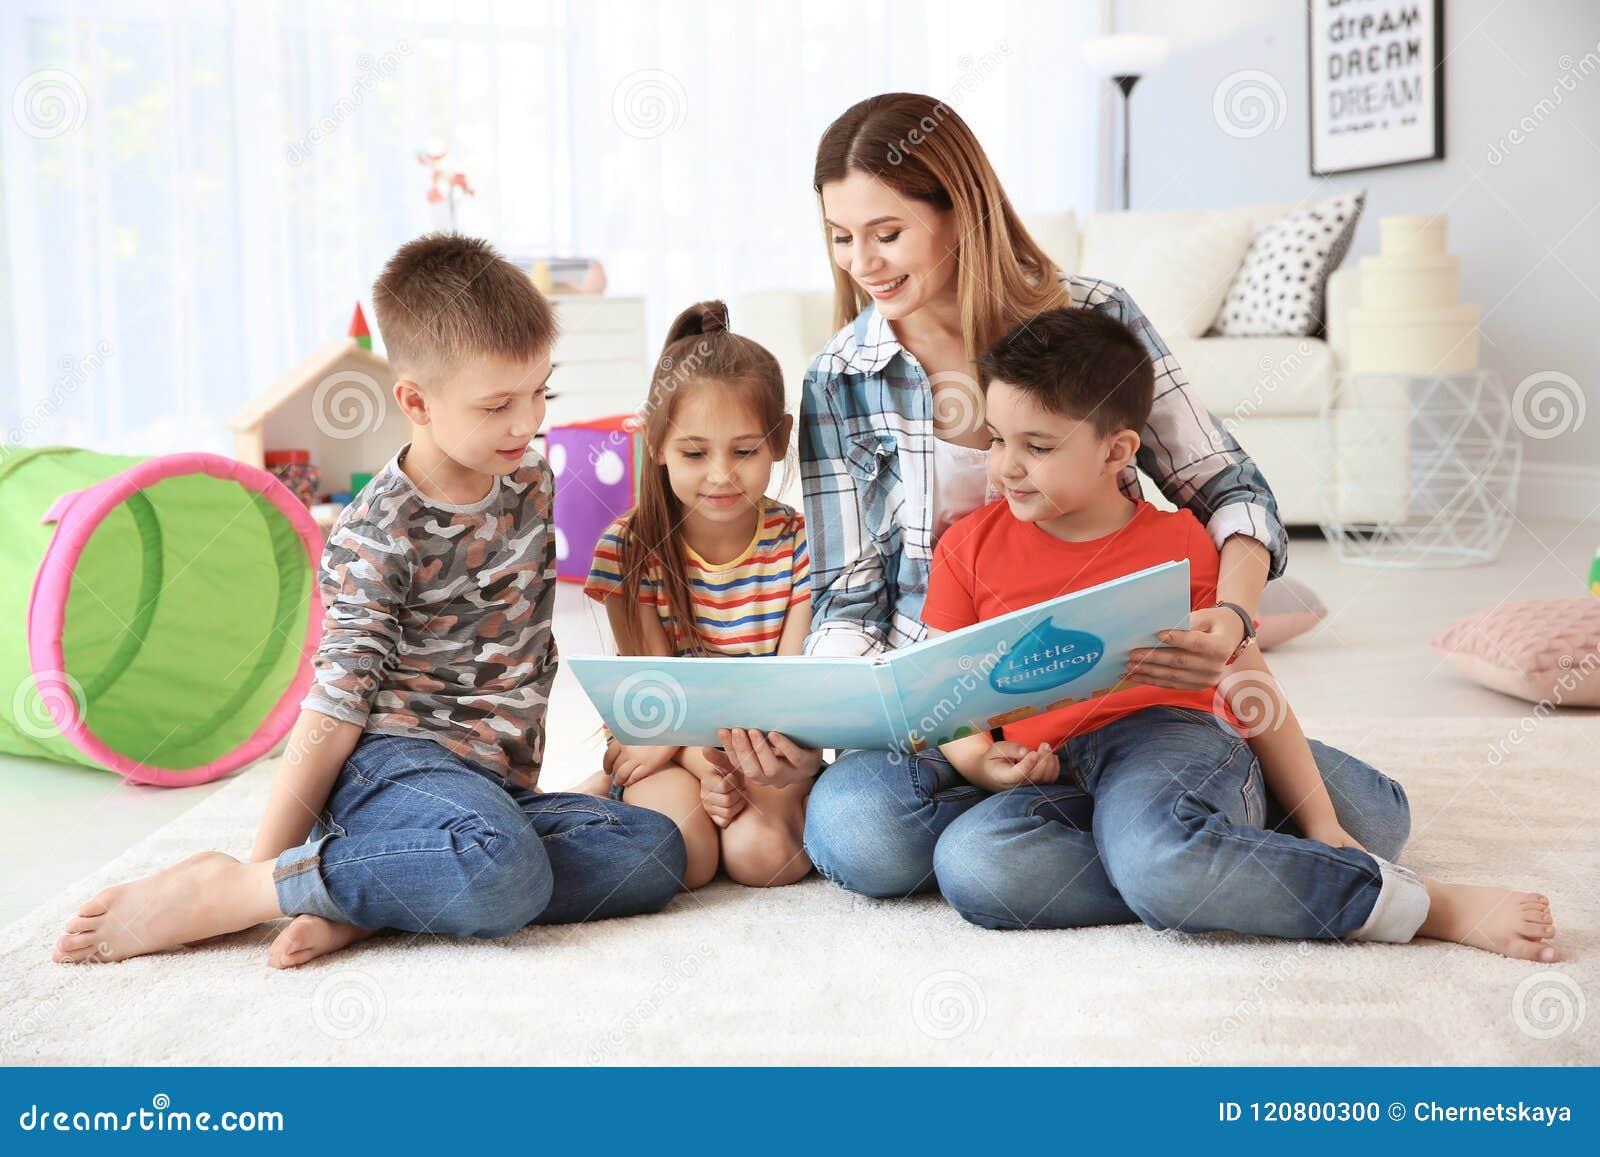 Gullig läsebok för små barn på golv